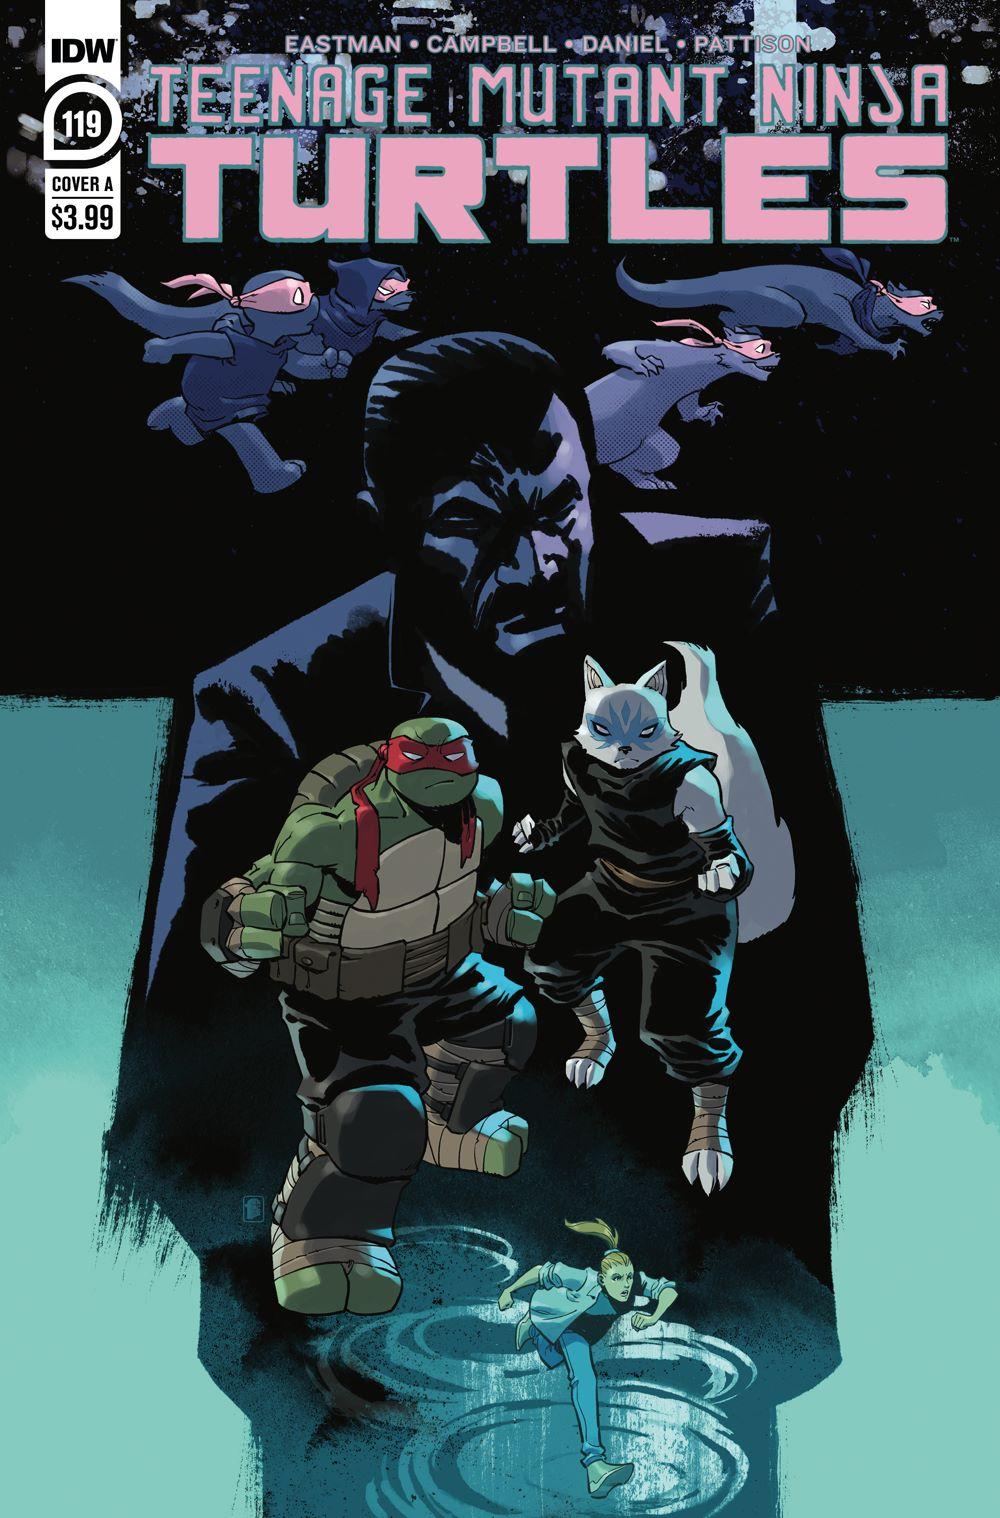 TMNT119_cvrA ComicList Previews: TEENAGE MUTANT NINJA TURTLES #119